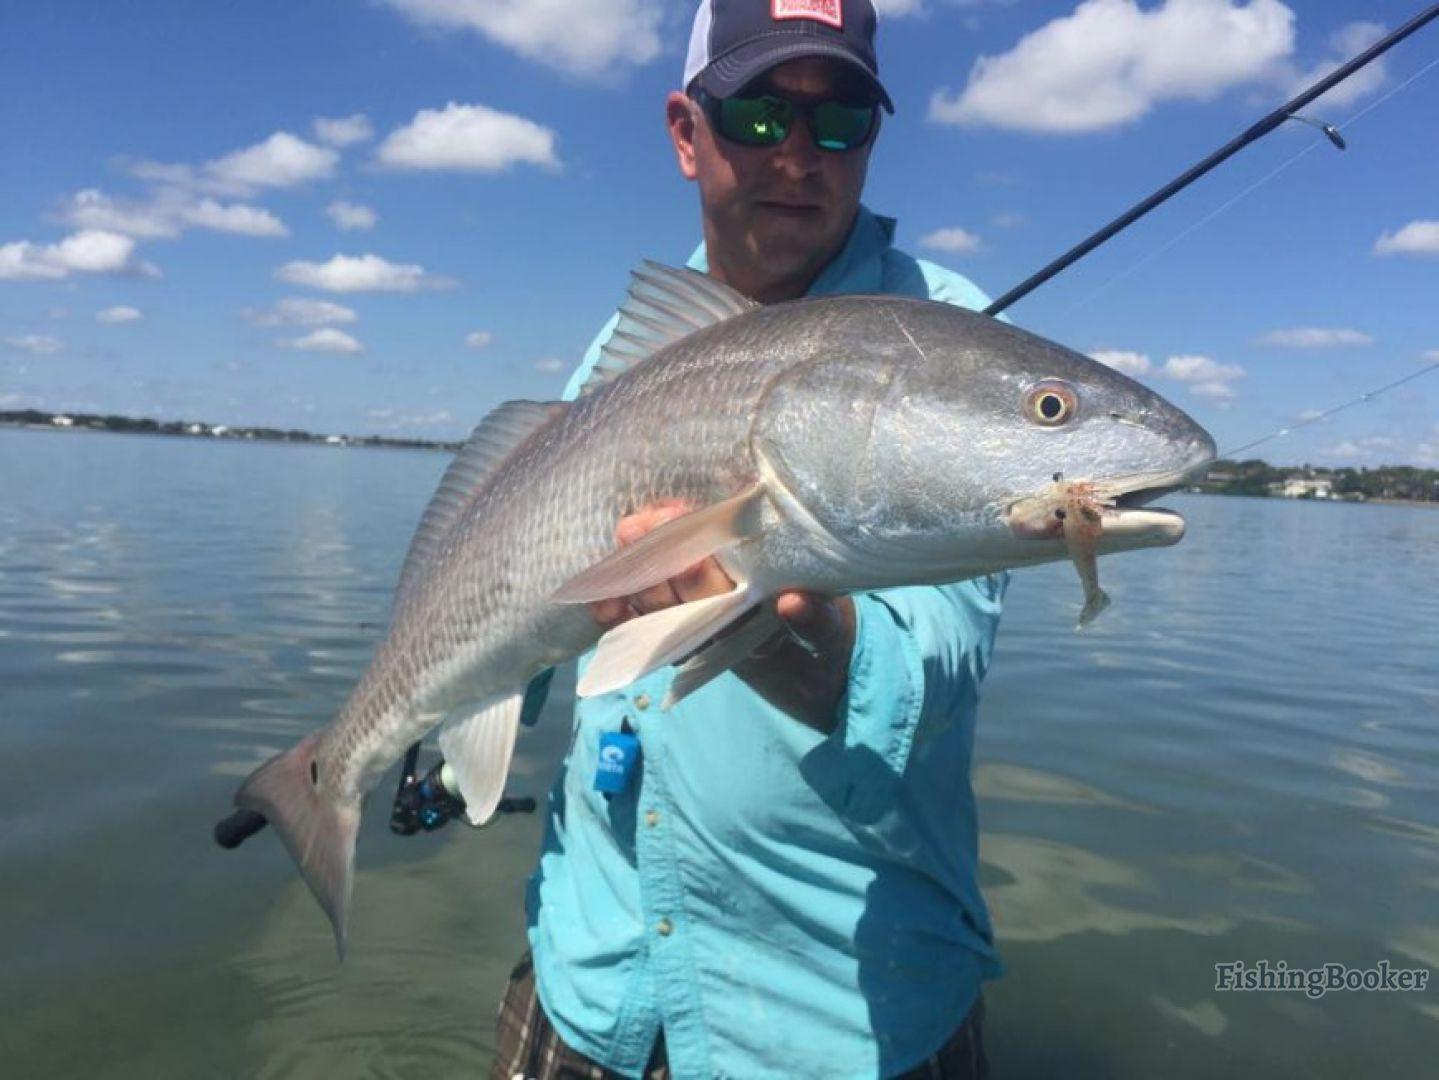 Stuart inshore fishing greg snyder jensen beach florida for Stuart fishing charter